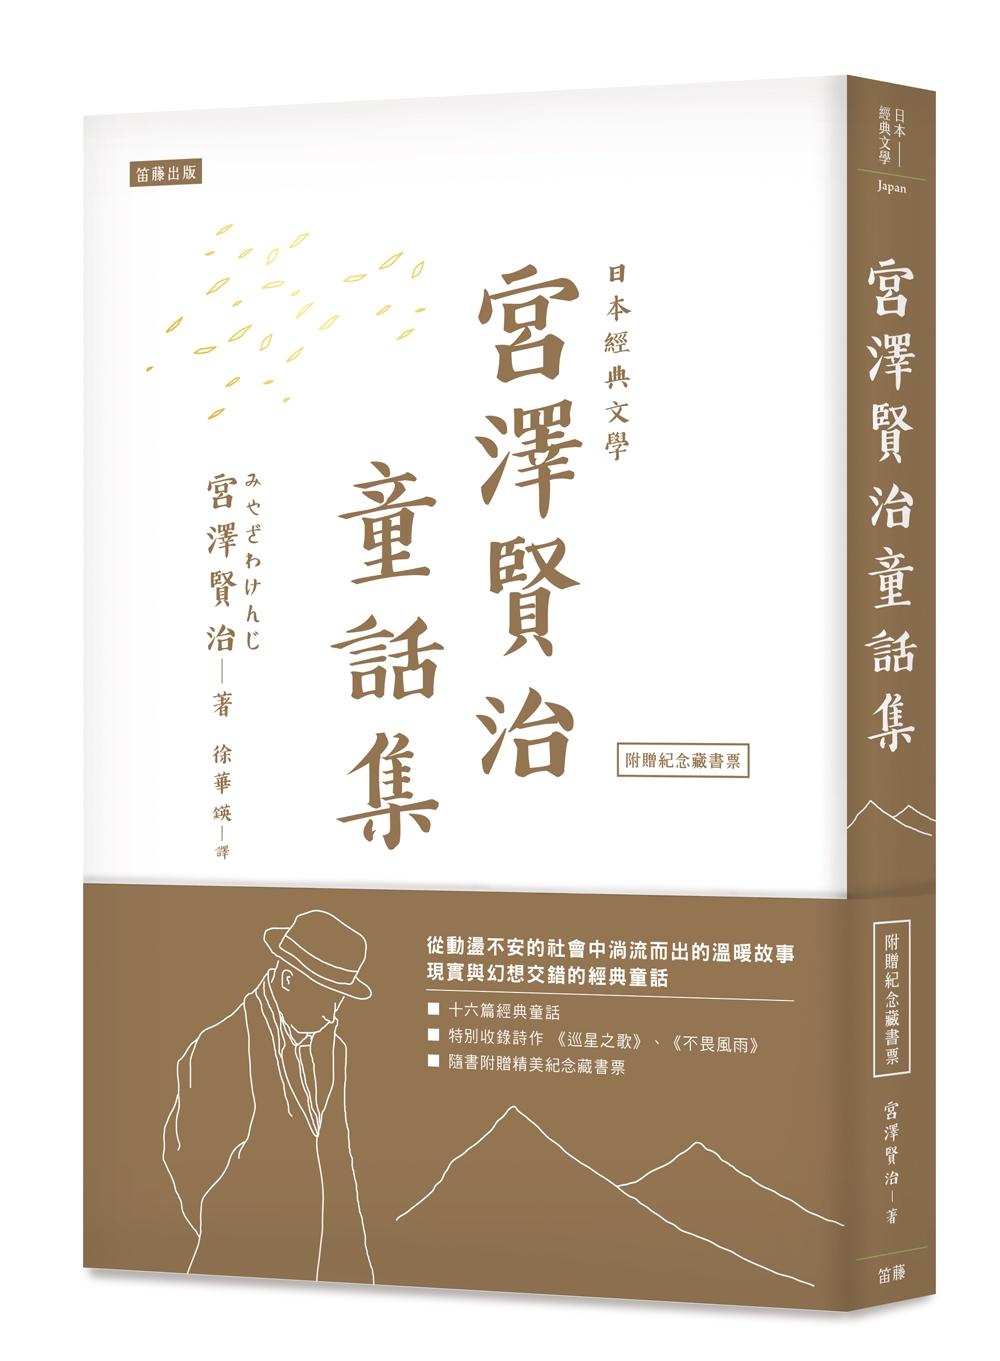 日本經典文學:宮澤賢治童話集(附紀念藏書票)